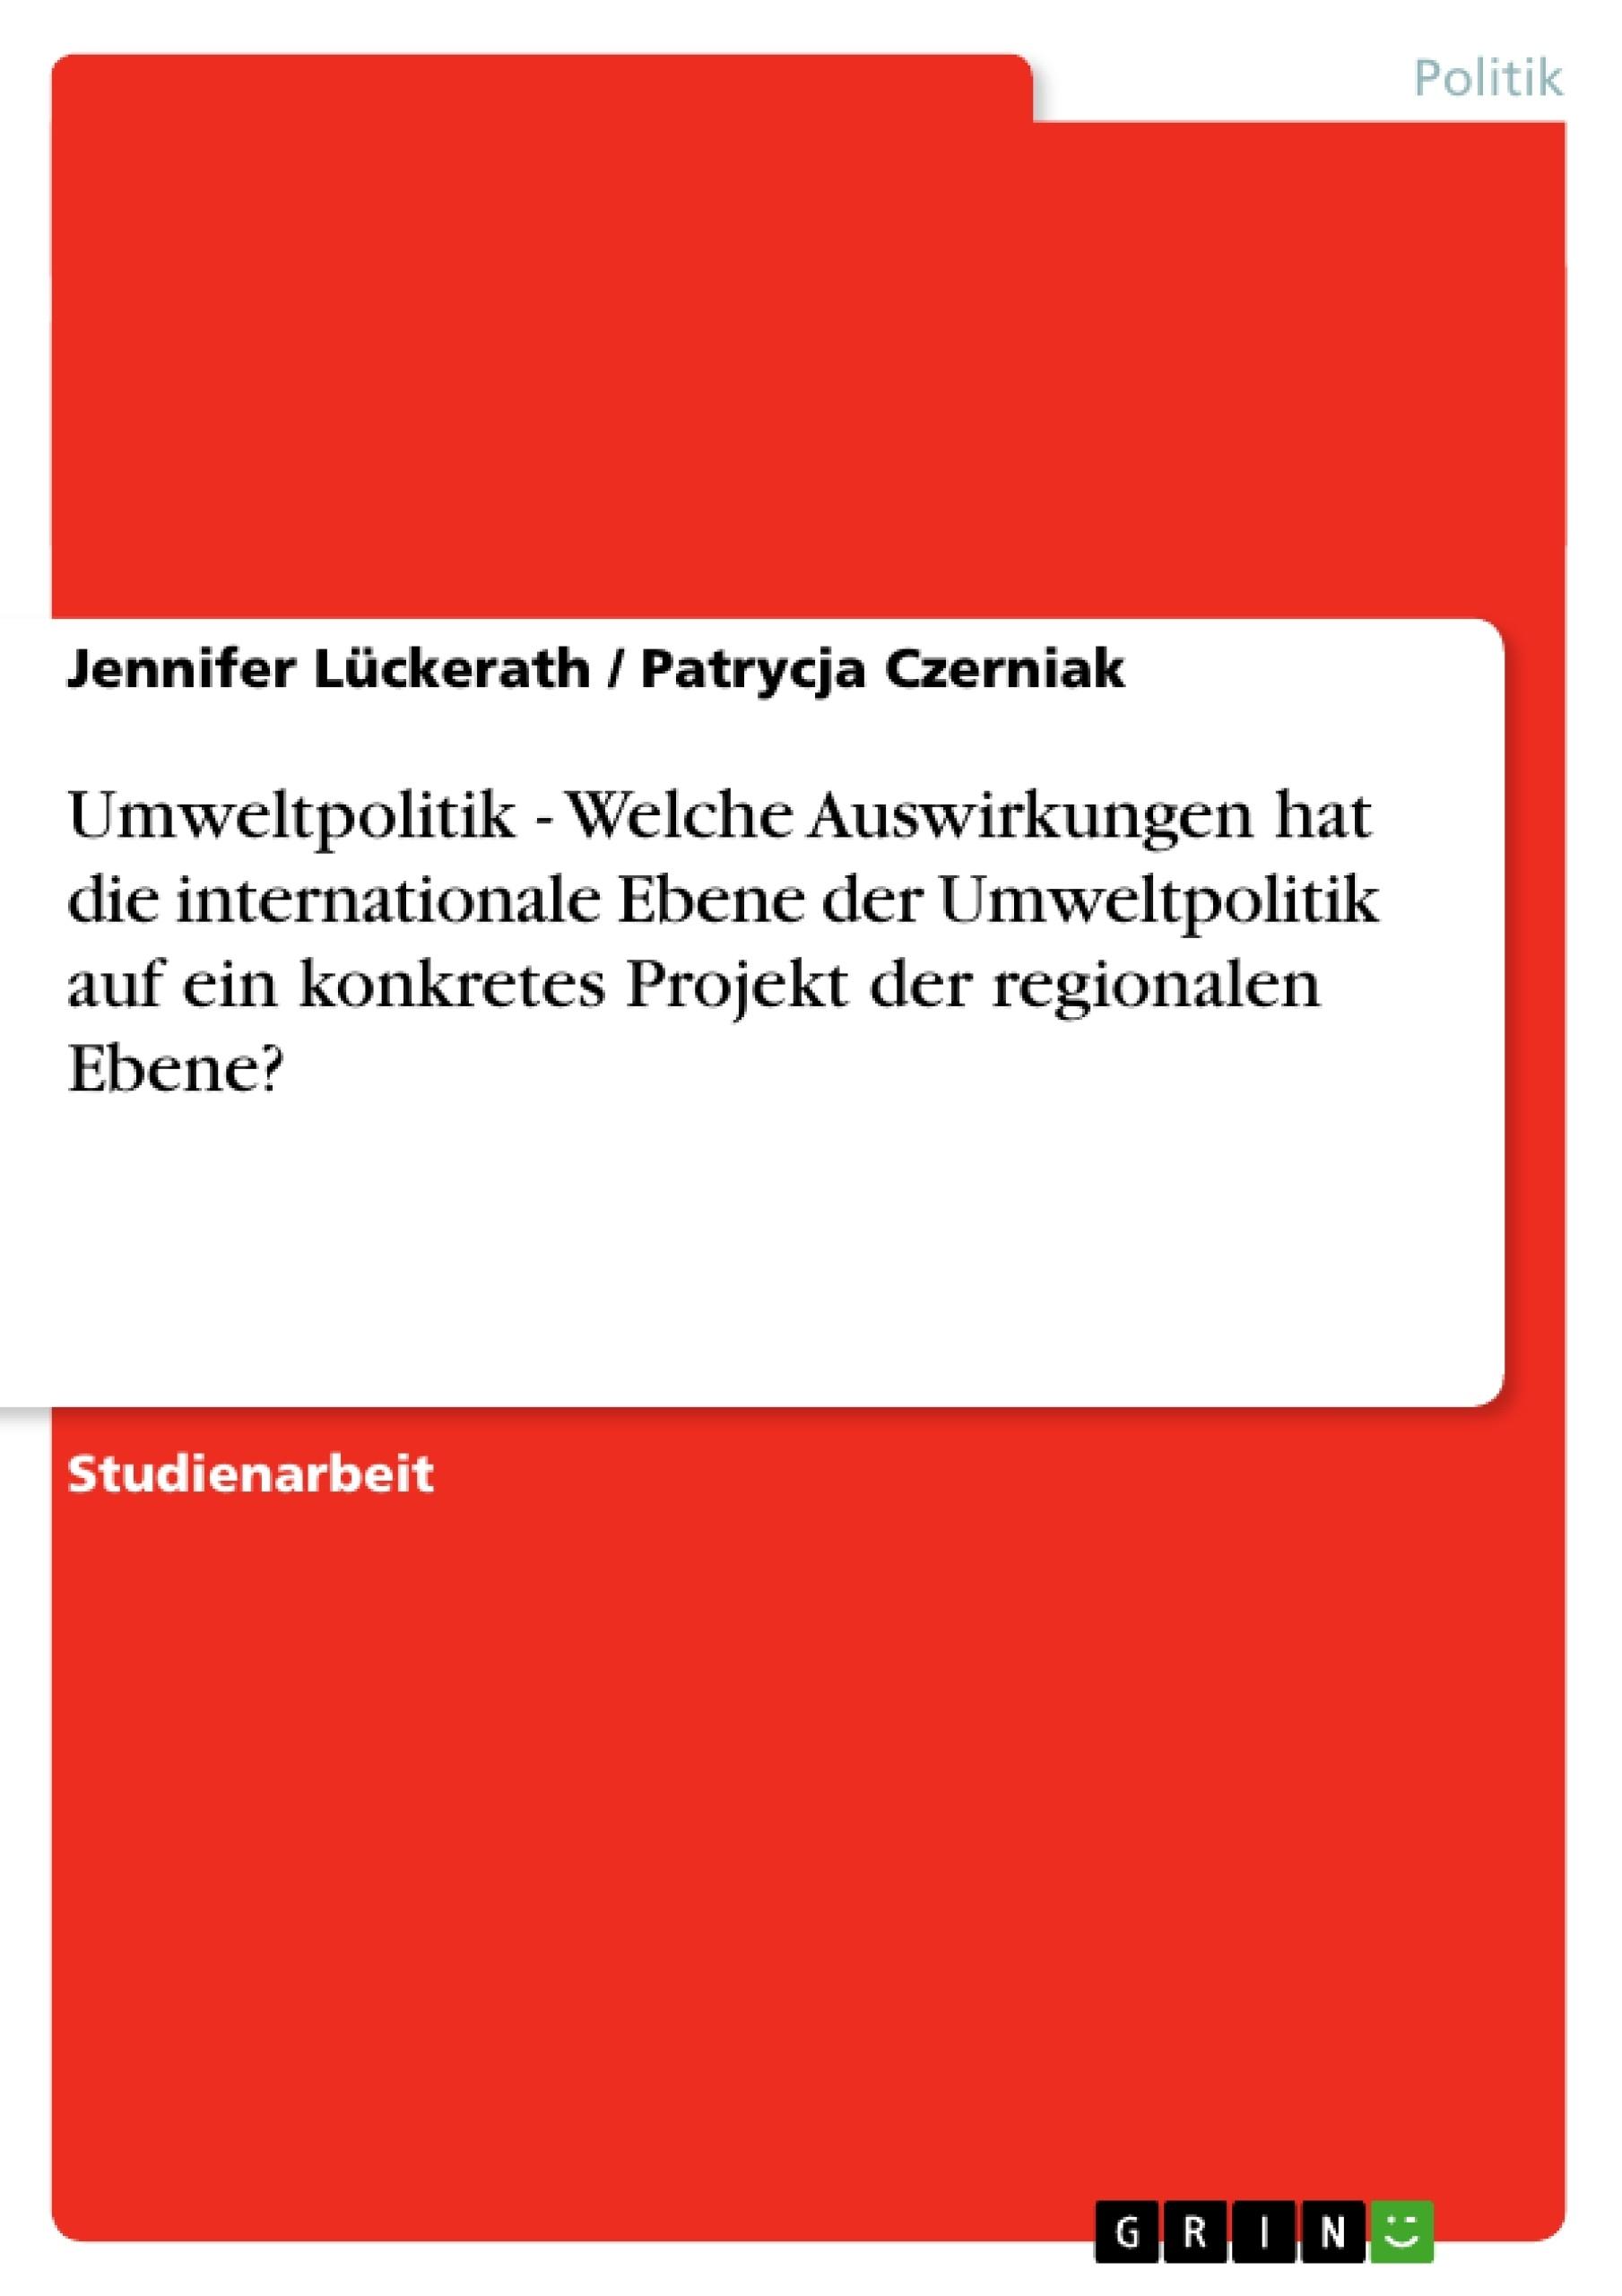 Titel: Umweltpolitik - Welche Auswirkungen hat die internationale Ebene der Umweltpolitik auf ein konkretes Projekt der regionalen Ebene?